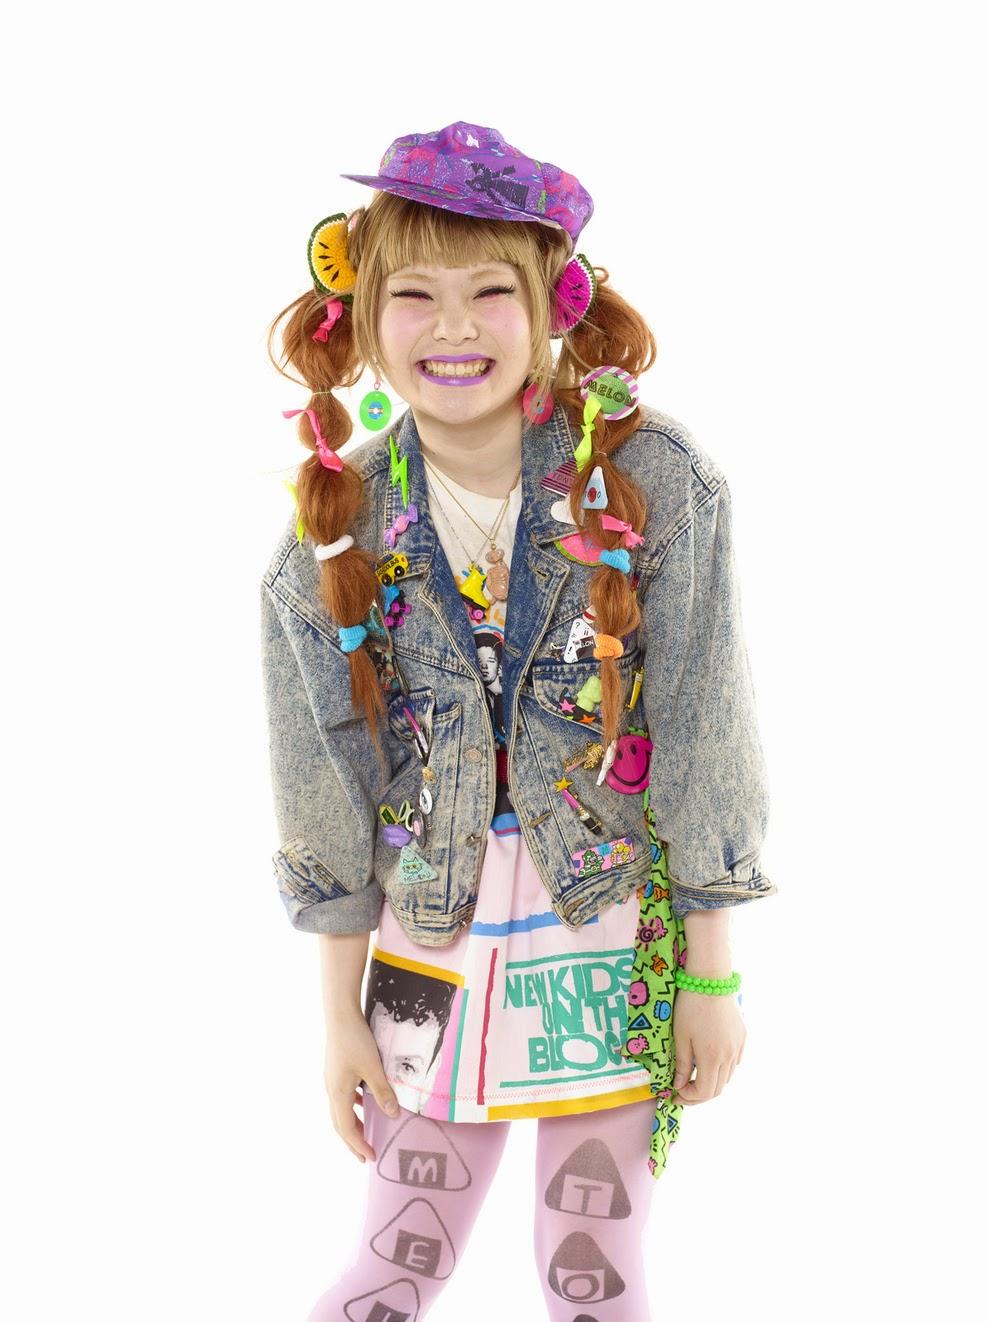 Peinados Japoneses Antiguos - Peinados japoneses hermosos fáciles y a la moda Peinados Faciles